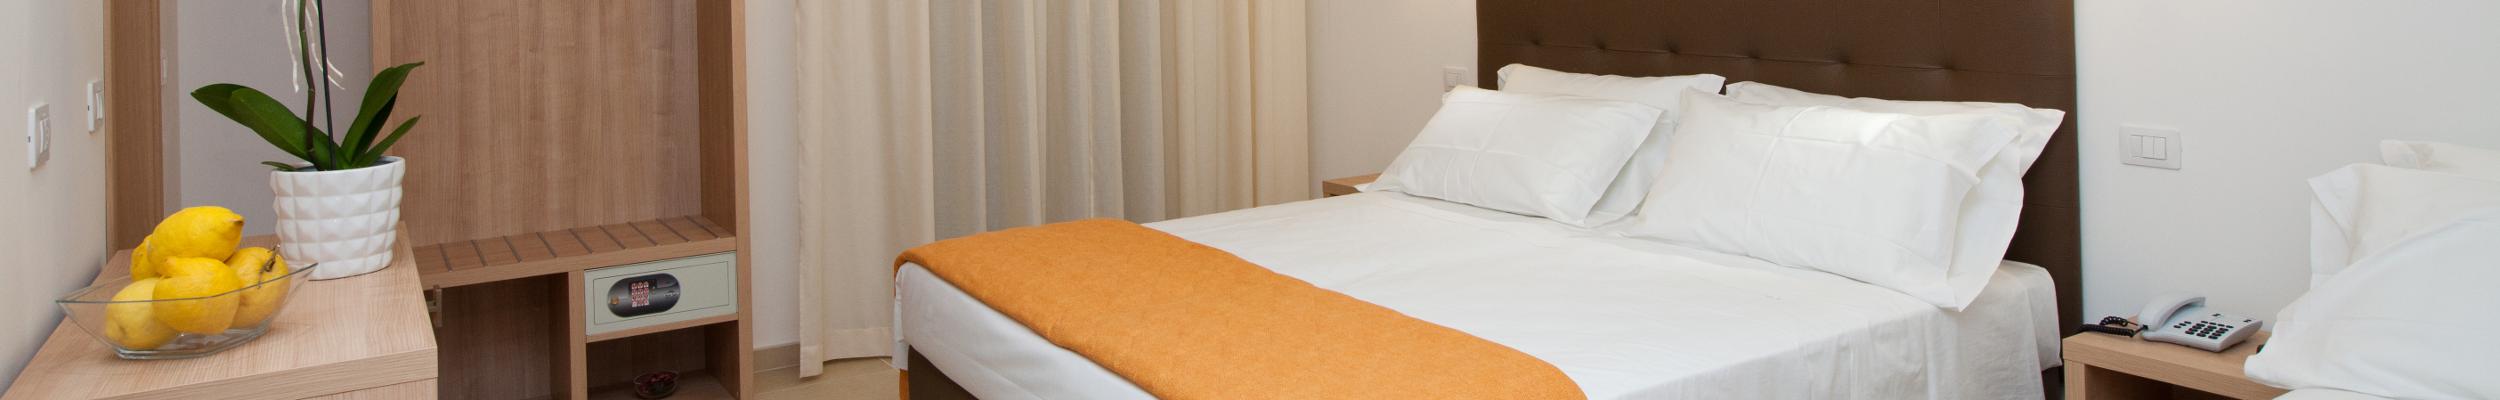 Hotel Cesare - Camera Business a Savignano sul Rubicone